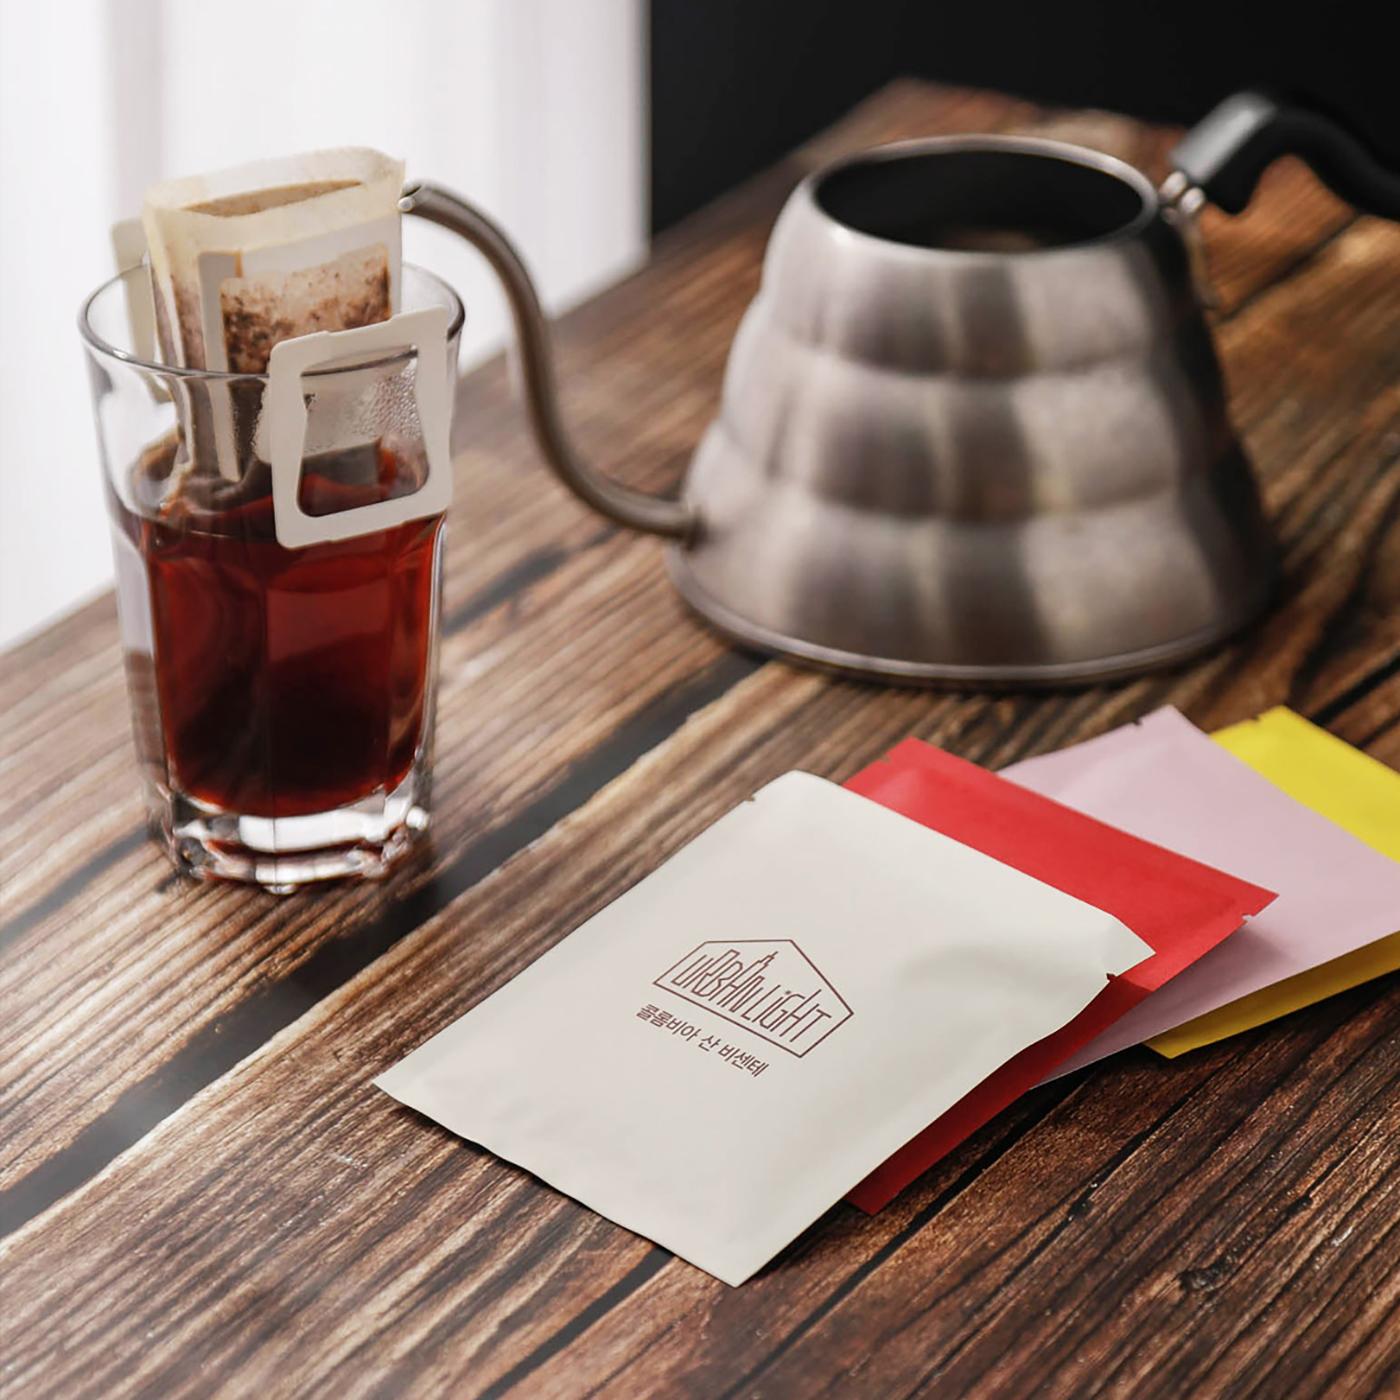 핸드드립 커피 세트(10개입) 상세이미지1